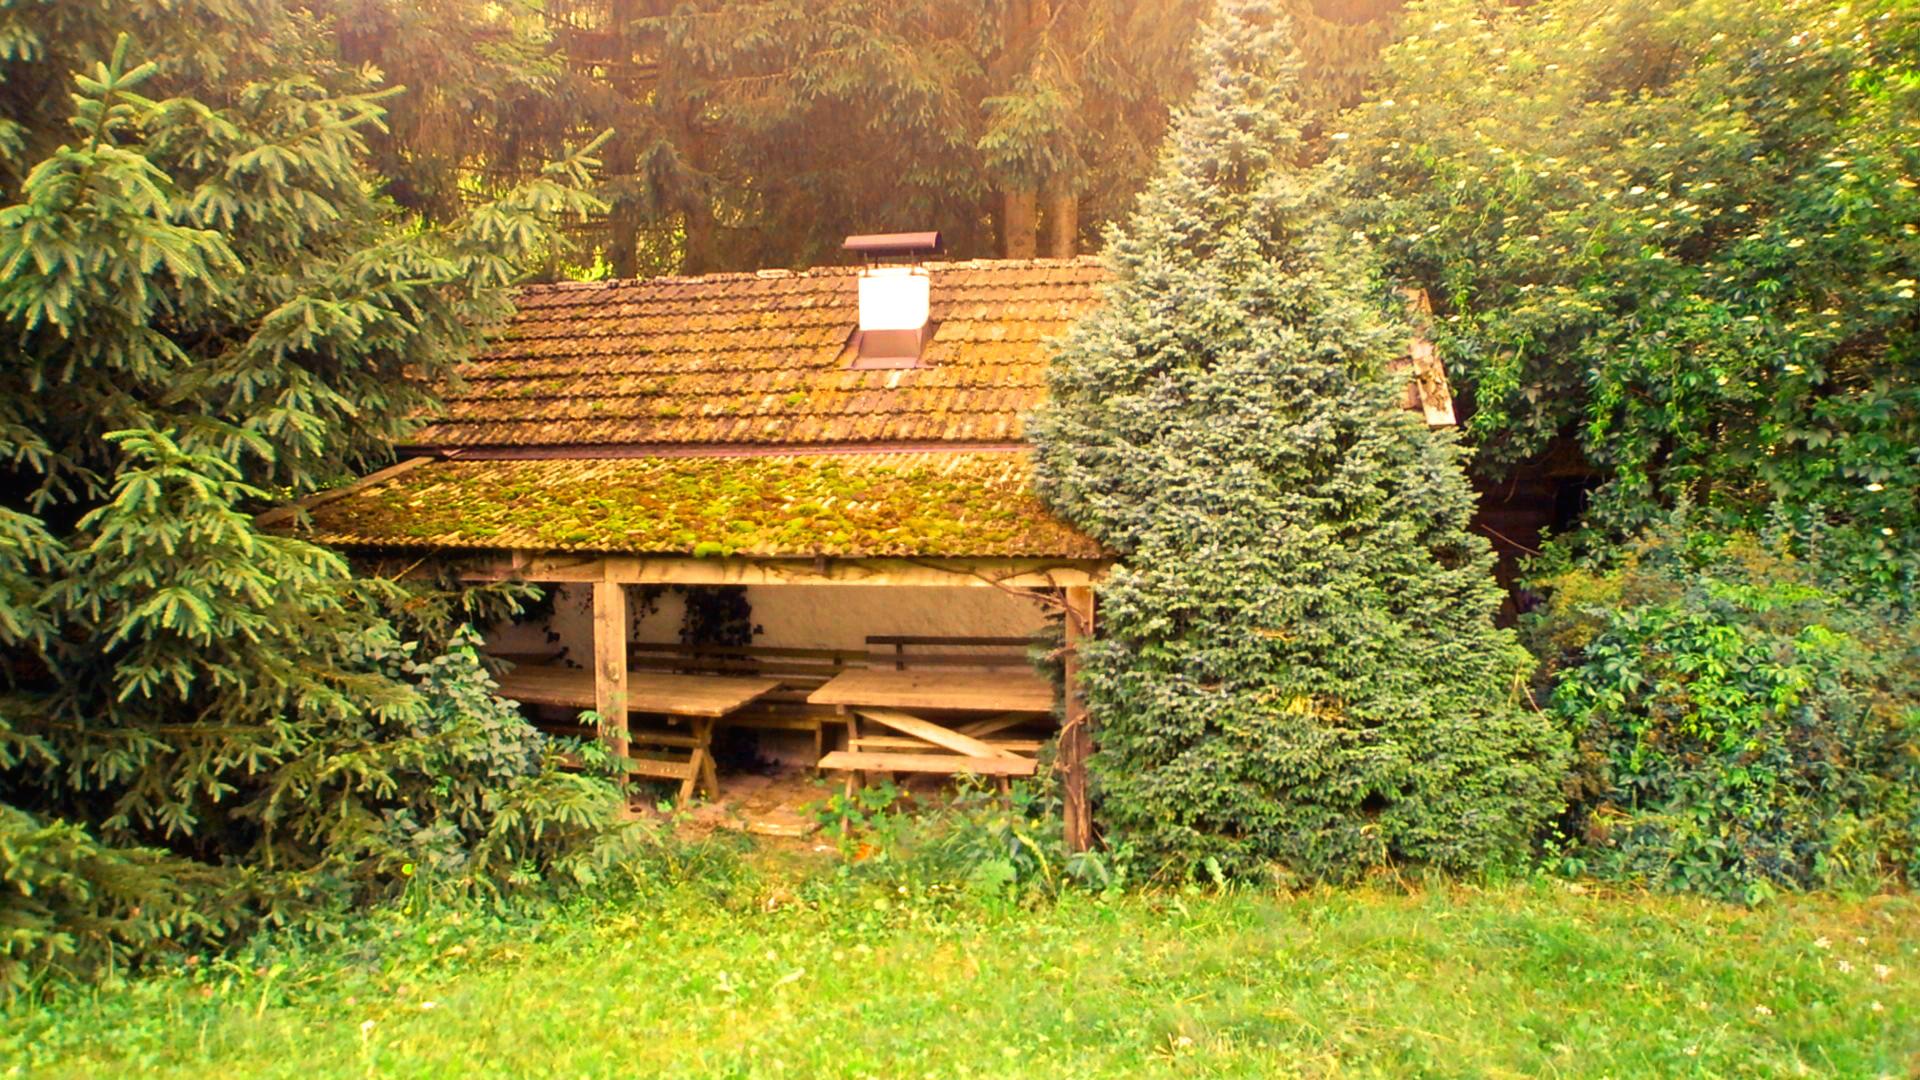 Foto: Někteří lidé dávají přednost prostšímu bydlení , výměnou za více svobody.